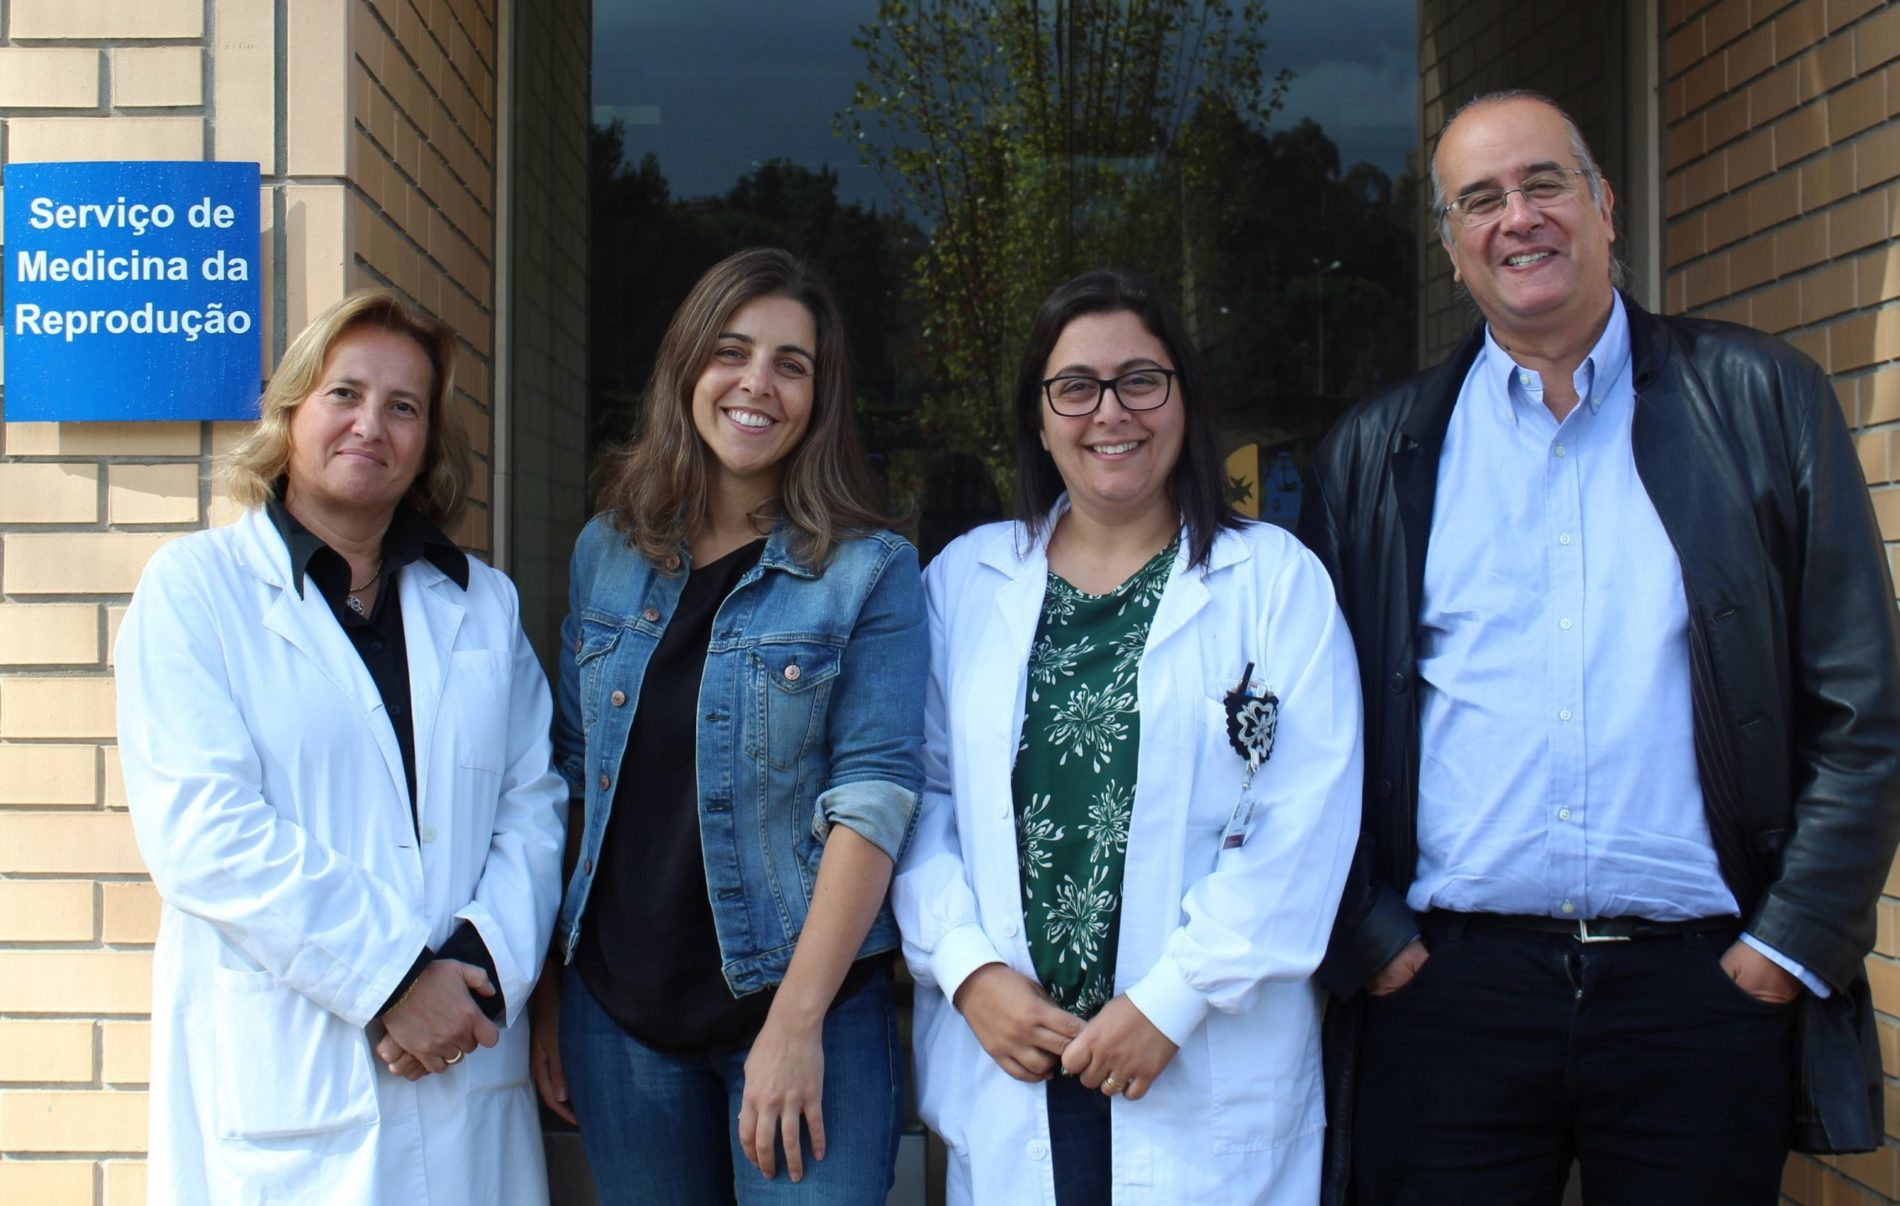 Universidade de Coimbra: Equipa recebe financiamento internacional para o estudo da infertilidade feminina